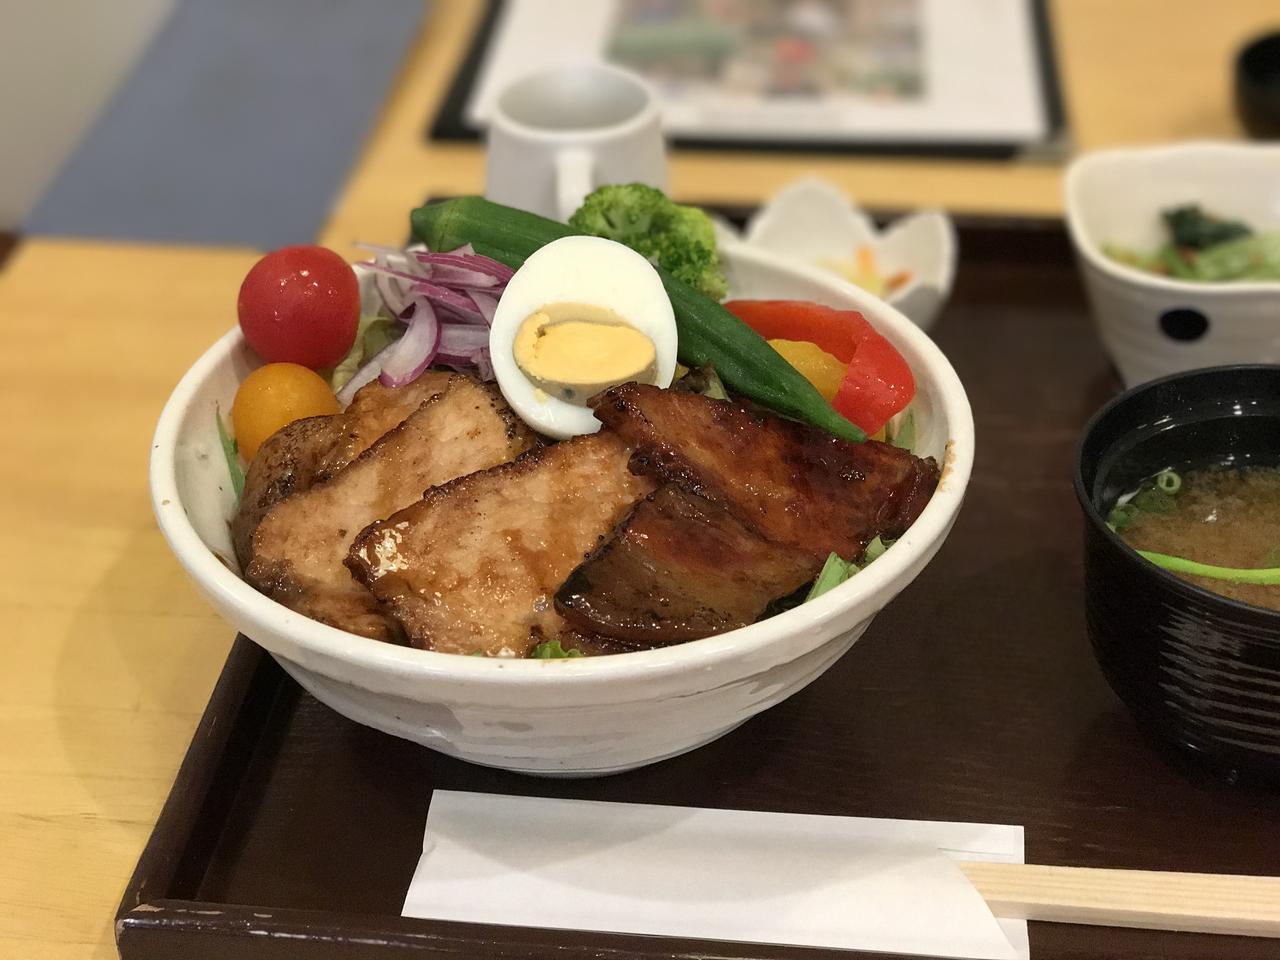 画像: 奈良の農園直送レストランで頂いたヤマトポーク、脂がのっていてすごく美味しい! 奈良に行ったらまた頂こうと思います。